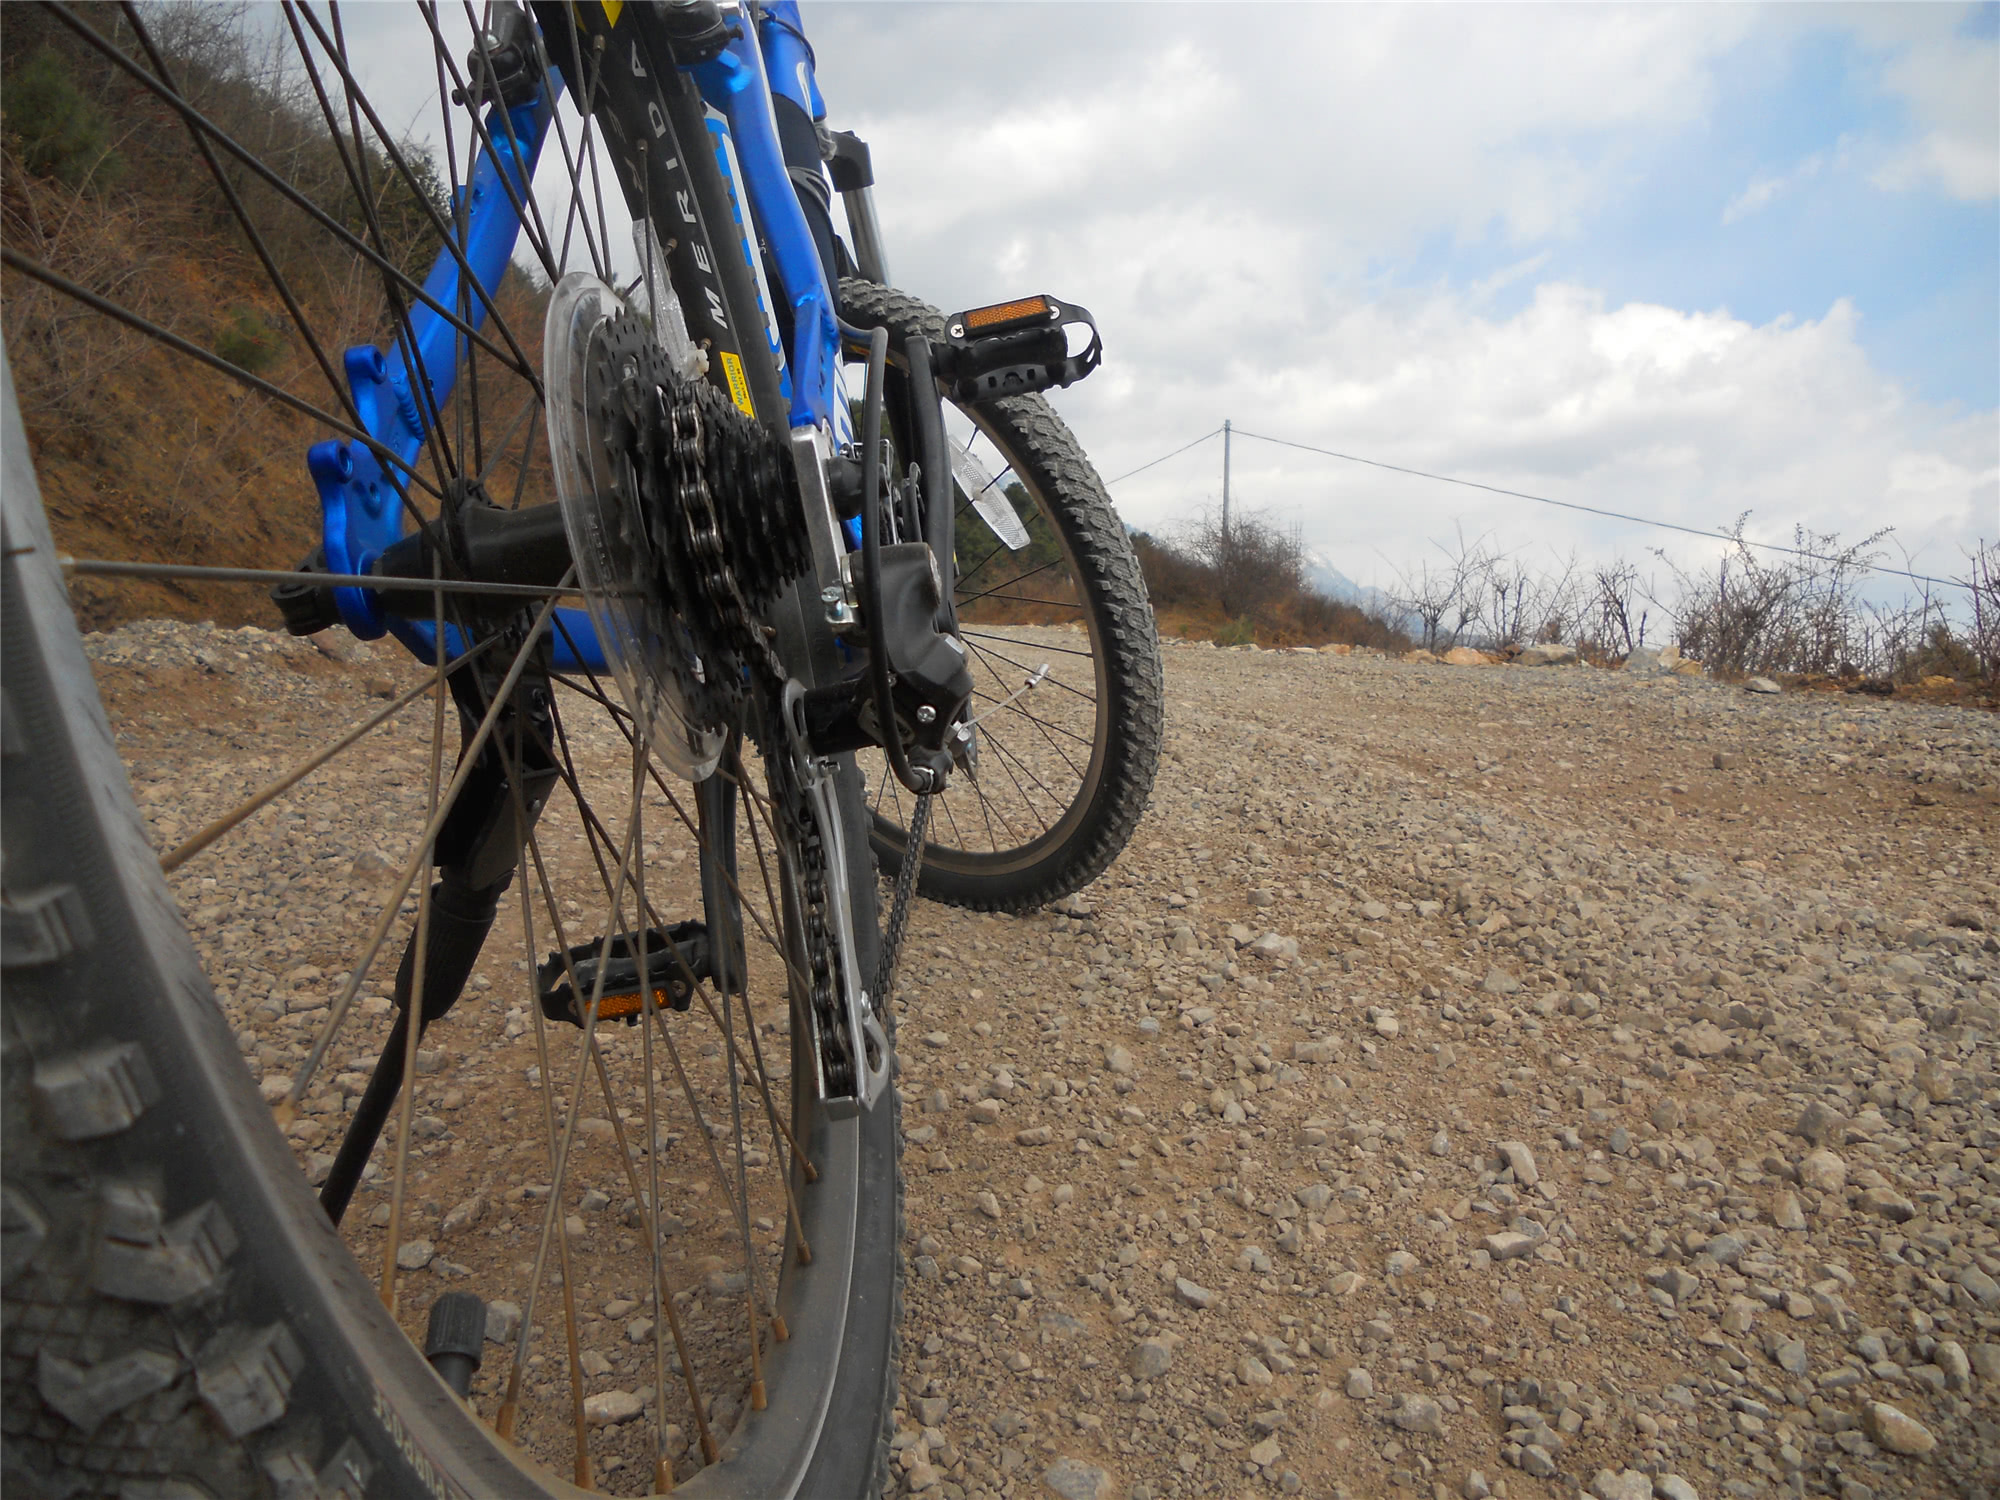 英国男子骑自行车送快递撞人,受害者终身残废,法院判决罚三千元